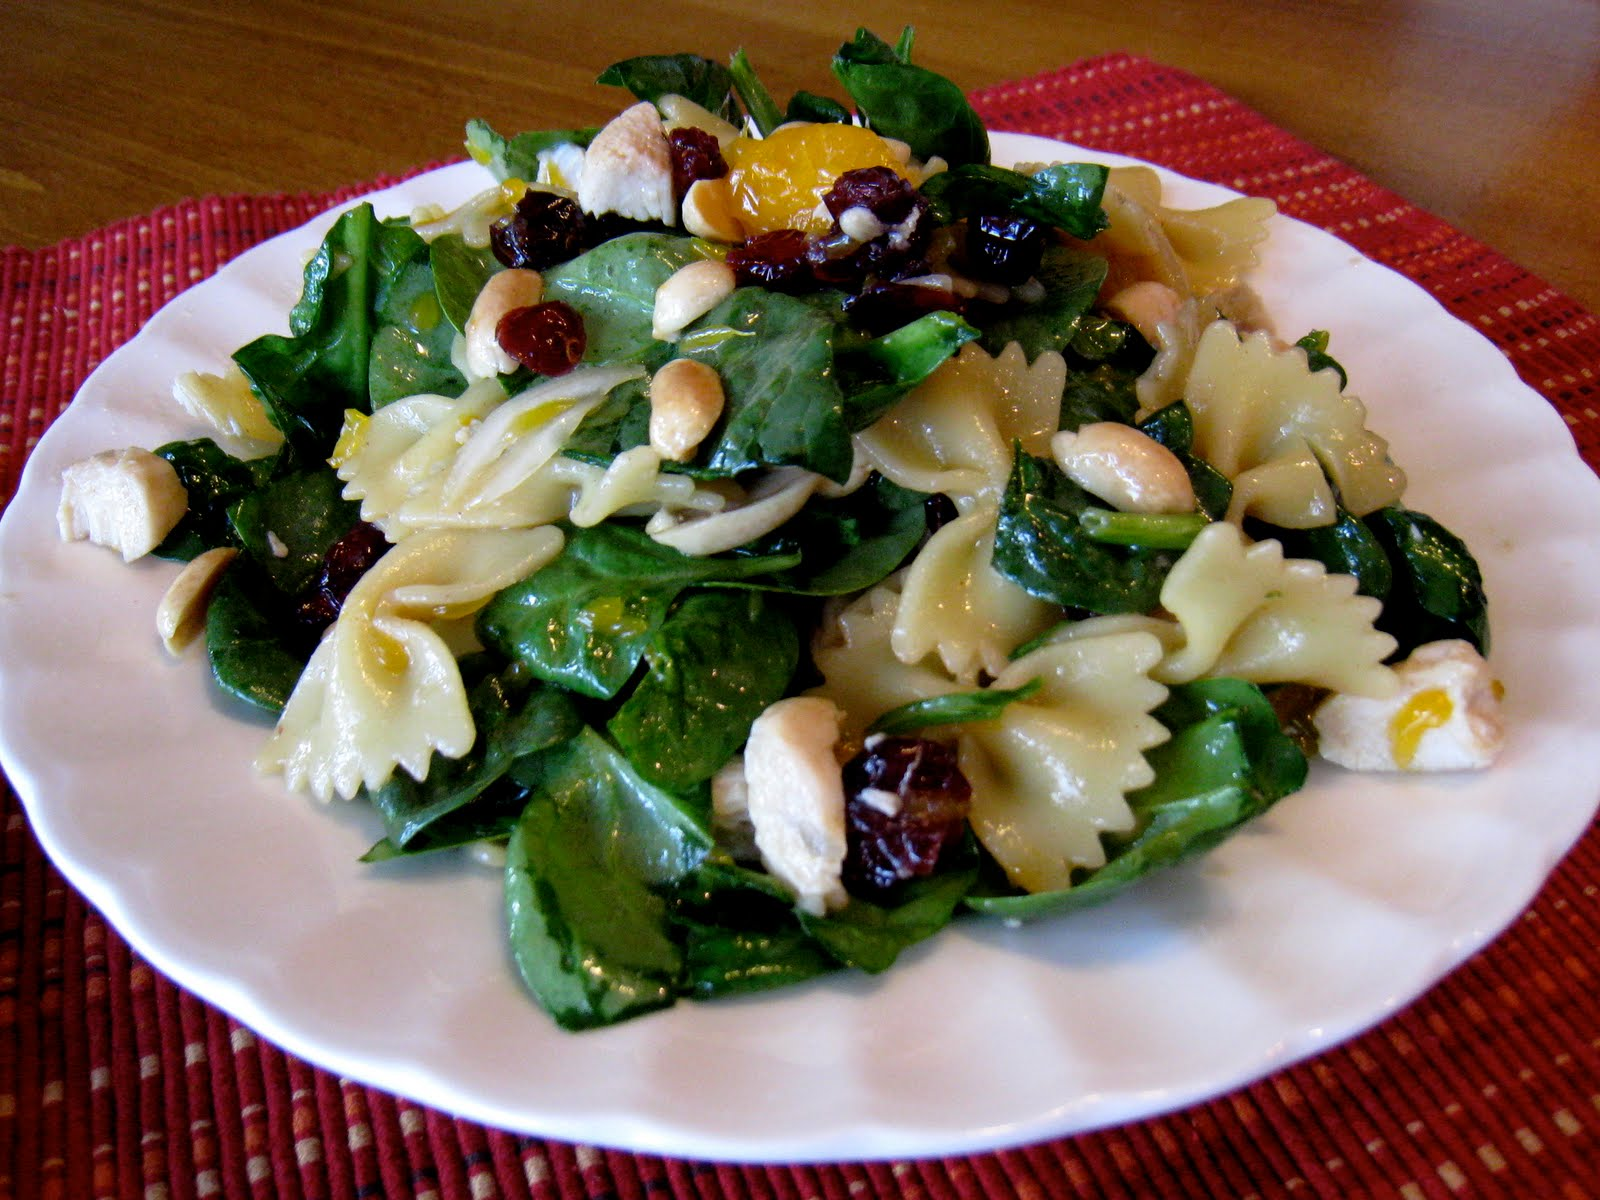 Spinach, Chicken, Bowtie Pasta Salad with Teriyaki Vinaigrette ...